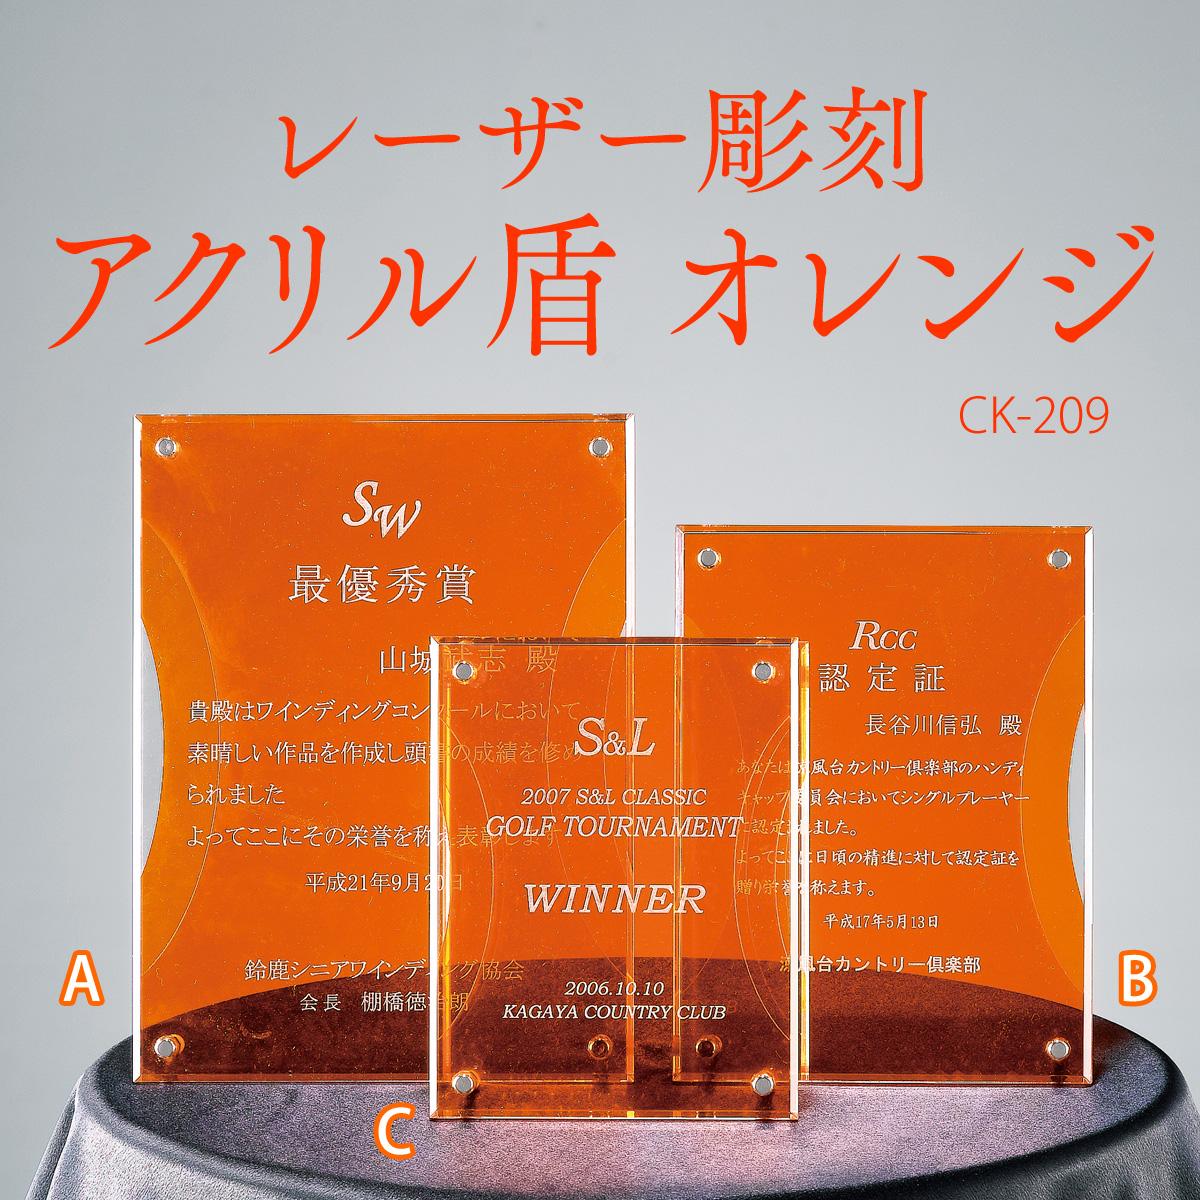 レーザー彫刻 アクリル盾(オレンジ) CK-209画像